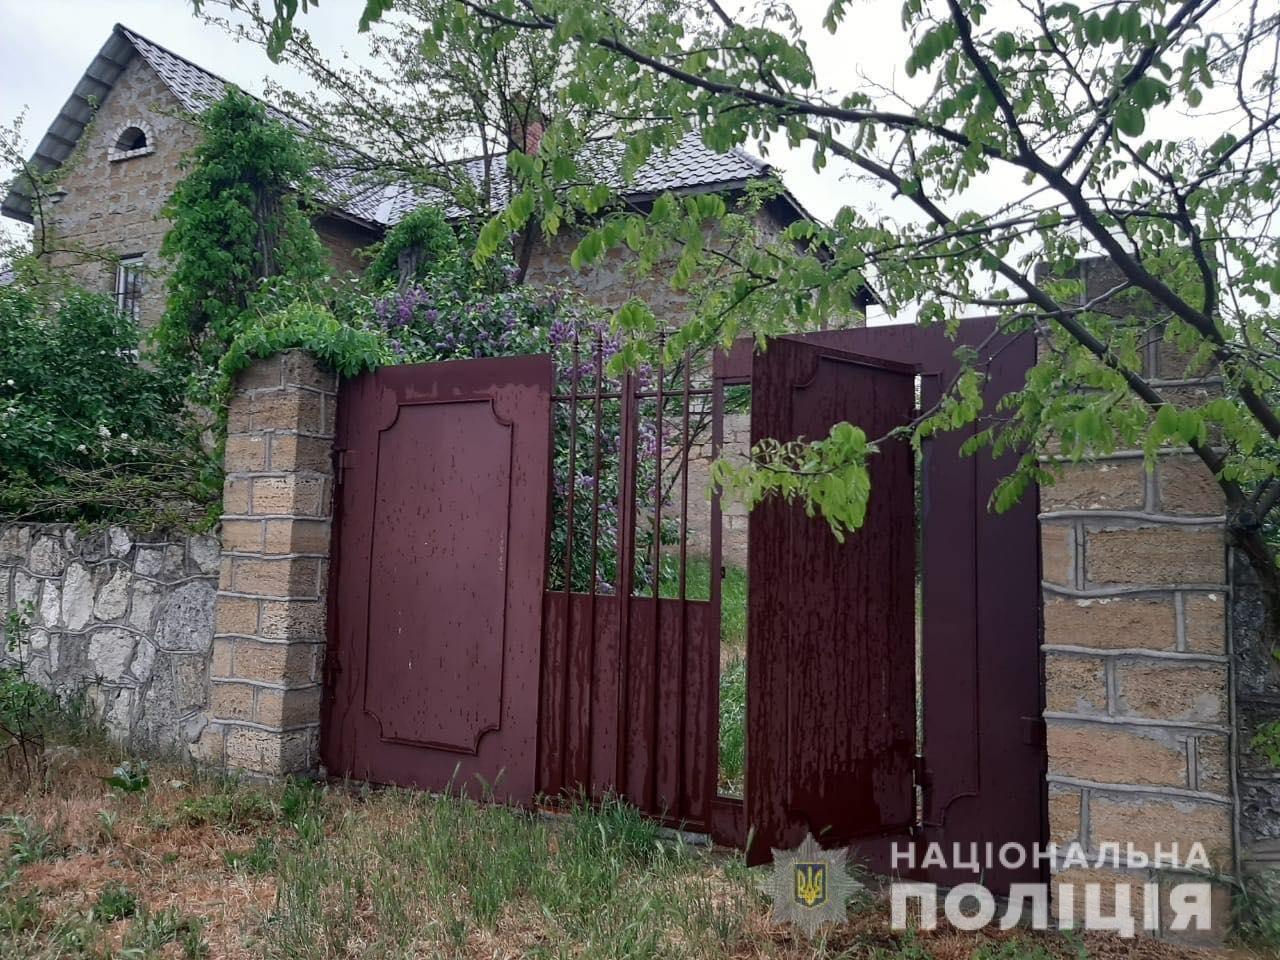 На Николаевщине местного жителя обнаружили закопанным в собственном дворе, - ФОТО, фото-4